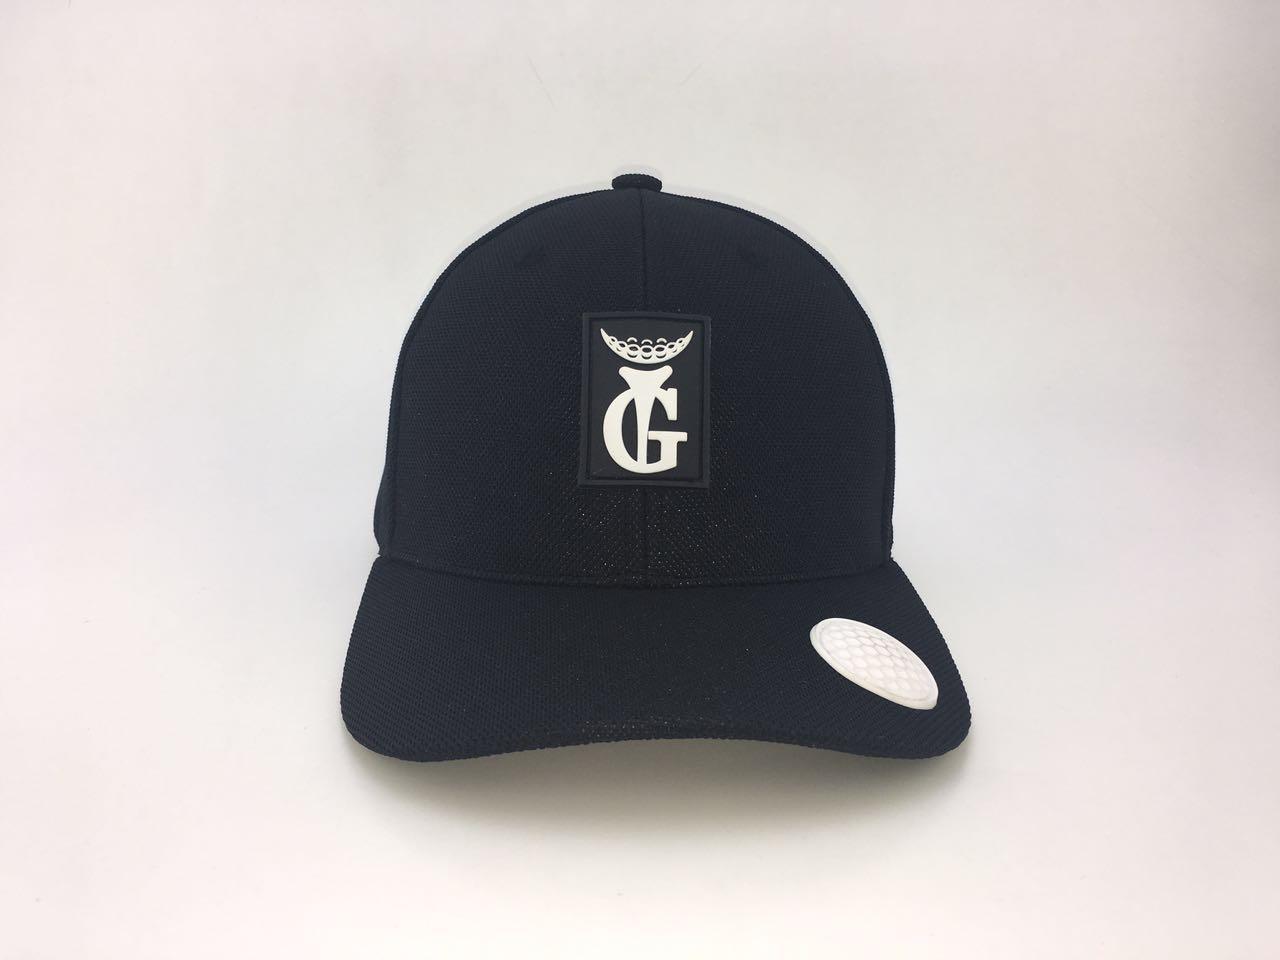 帽子工厂夏季新款棒球帽销售